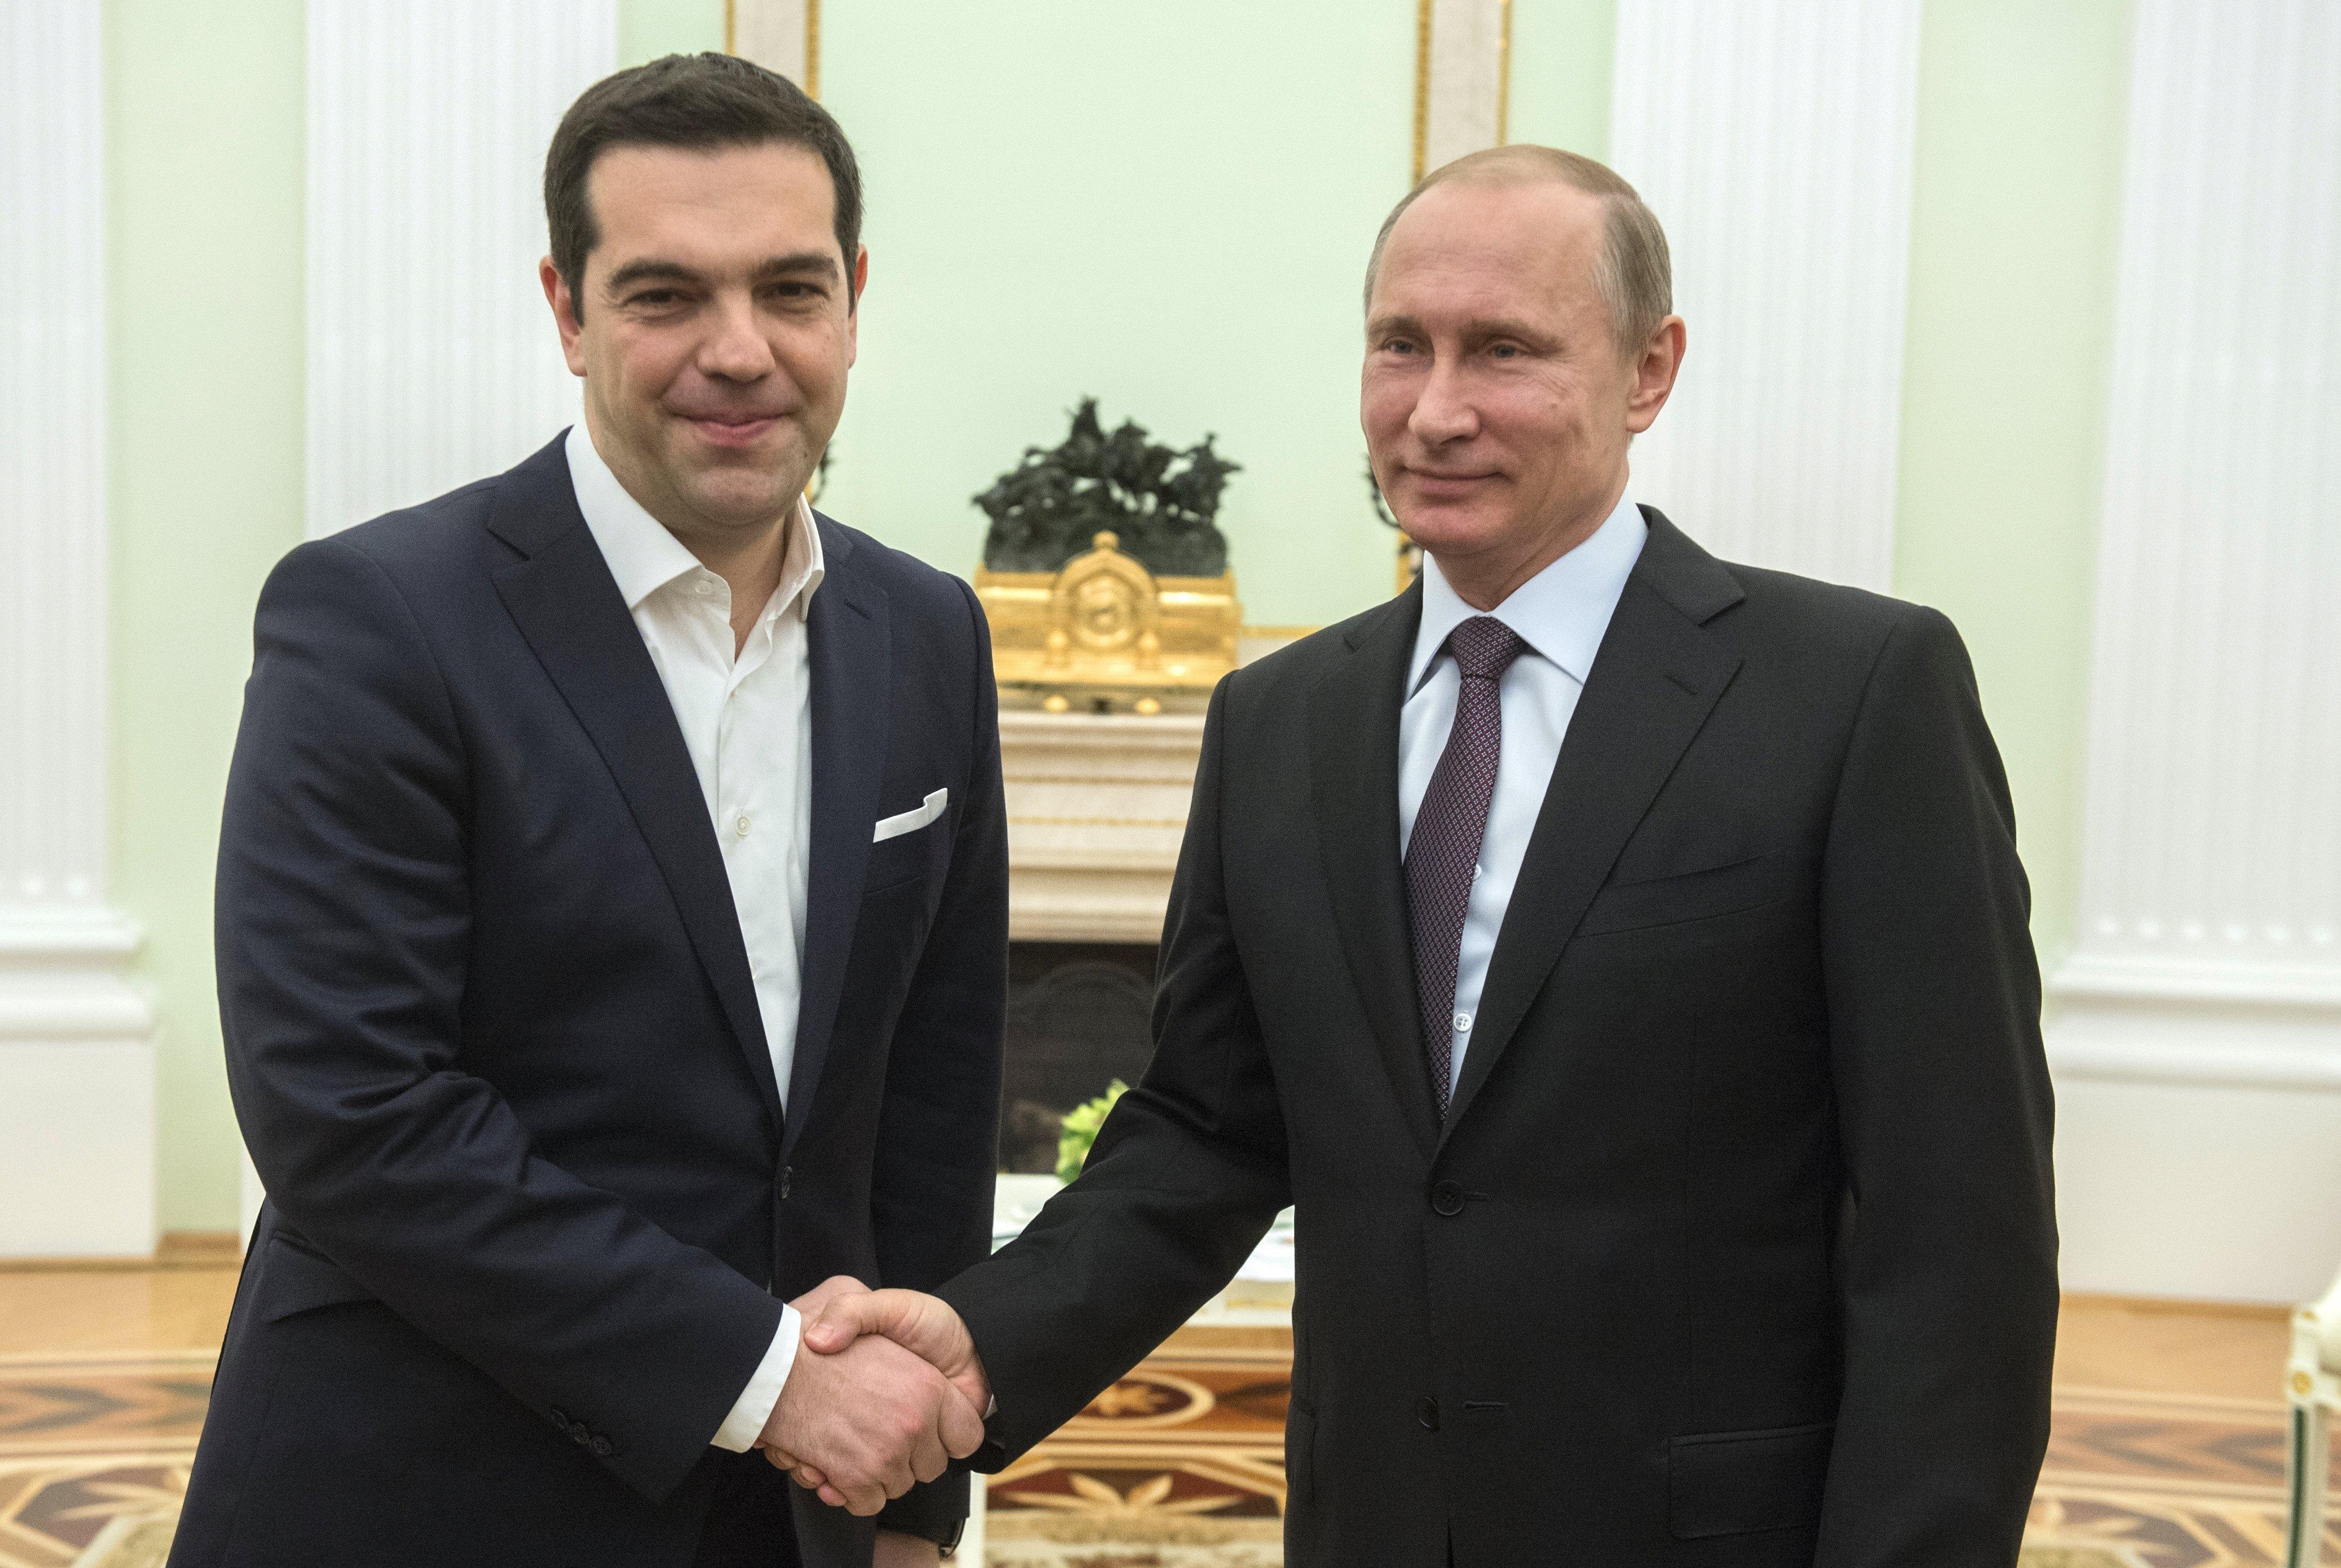 Le président russe Vladimir Poutineet le premier ministre grec Alexis Tsipras, avril 2015